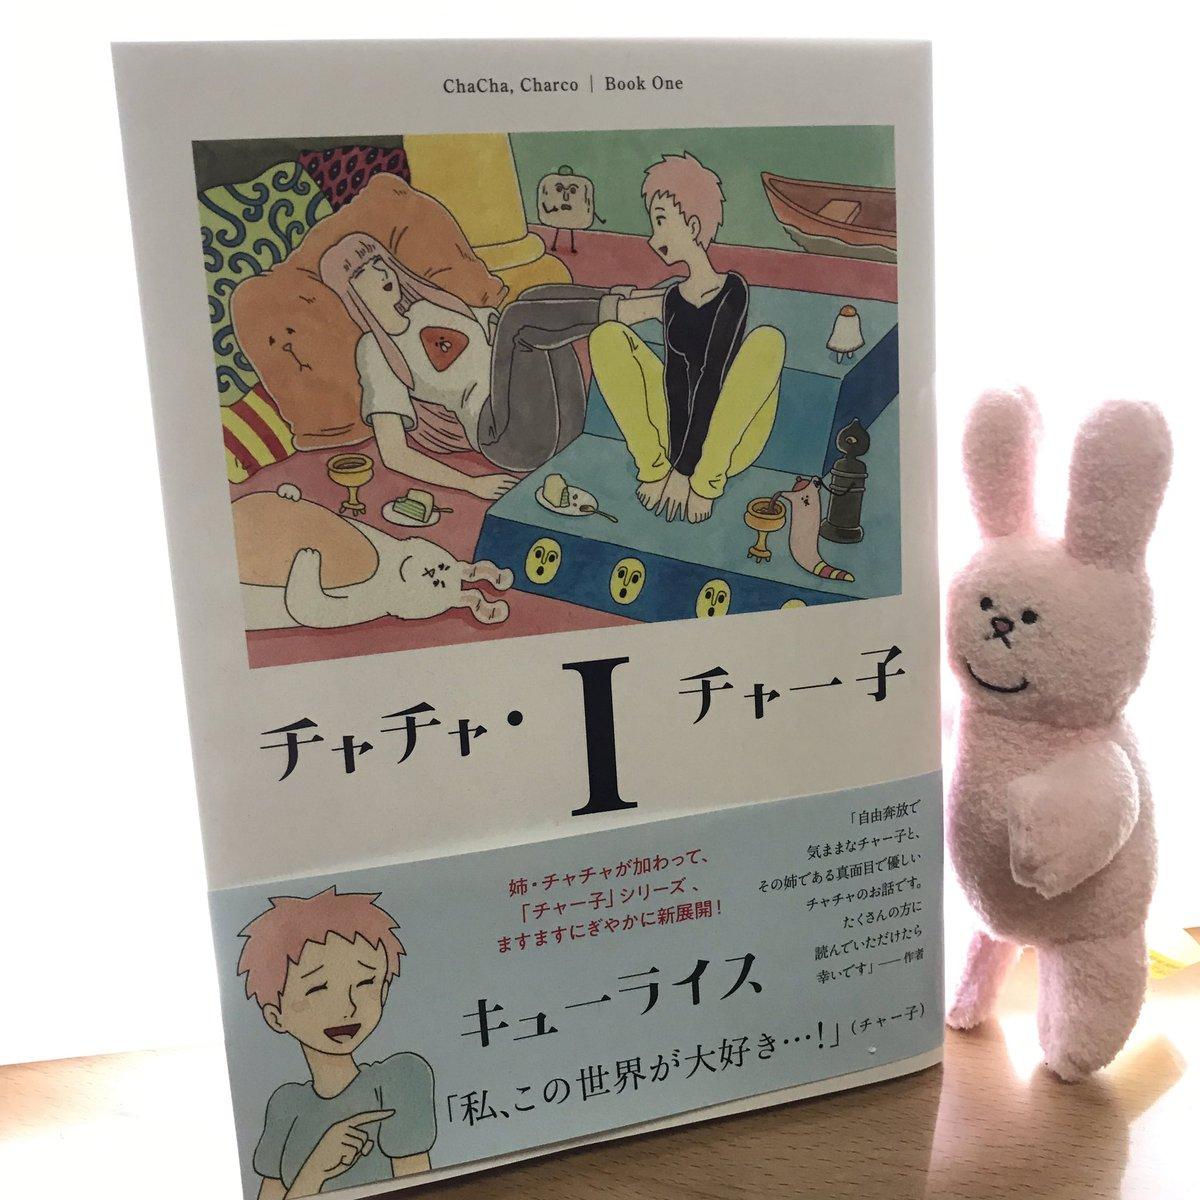 単行本「チャチャ・チャー子Ⅰ」発売中→ いつものチャー子の話に加えて、姉のチャチャのお話もたっぷり入っております。スキウサギはついてません。